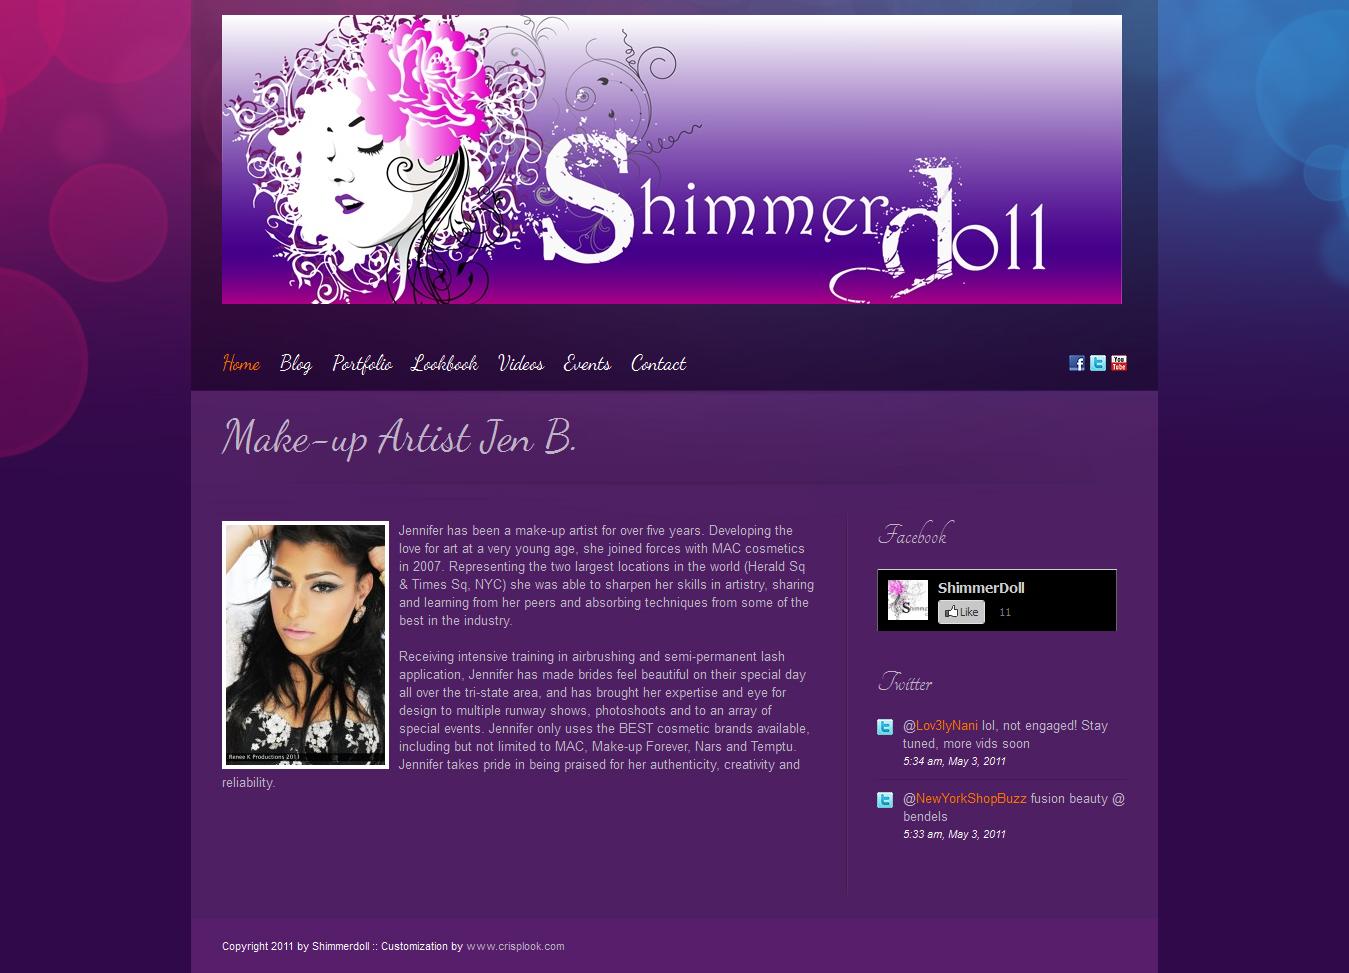 shimmerdoll.com